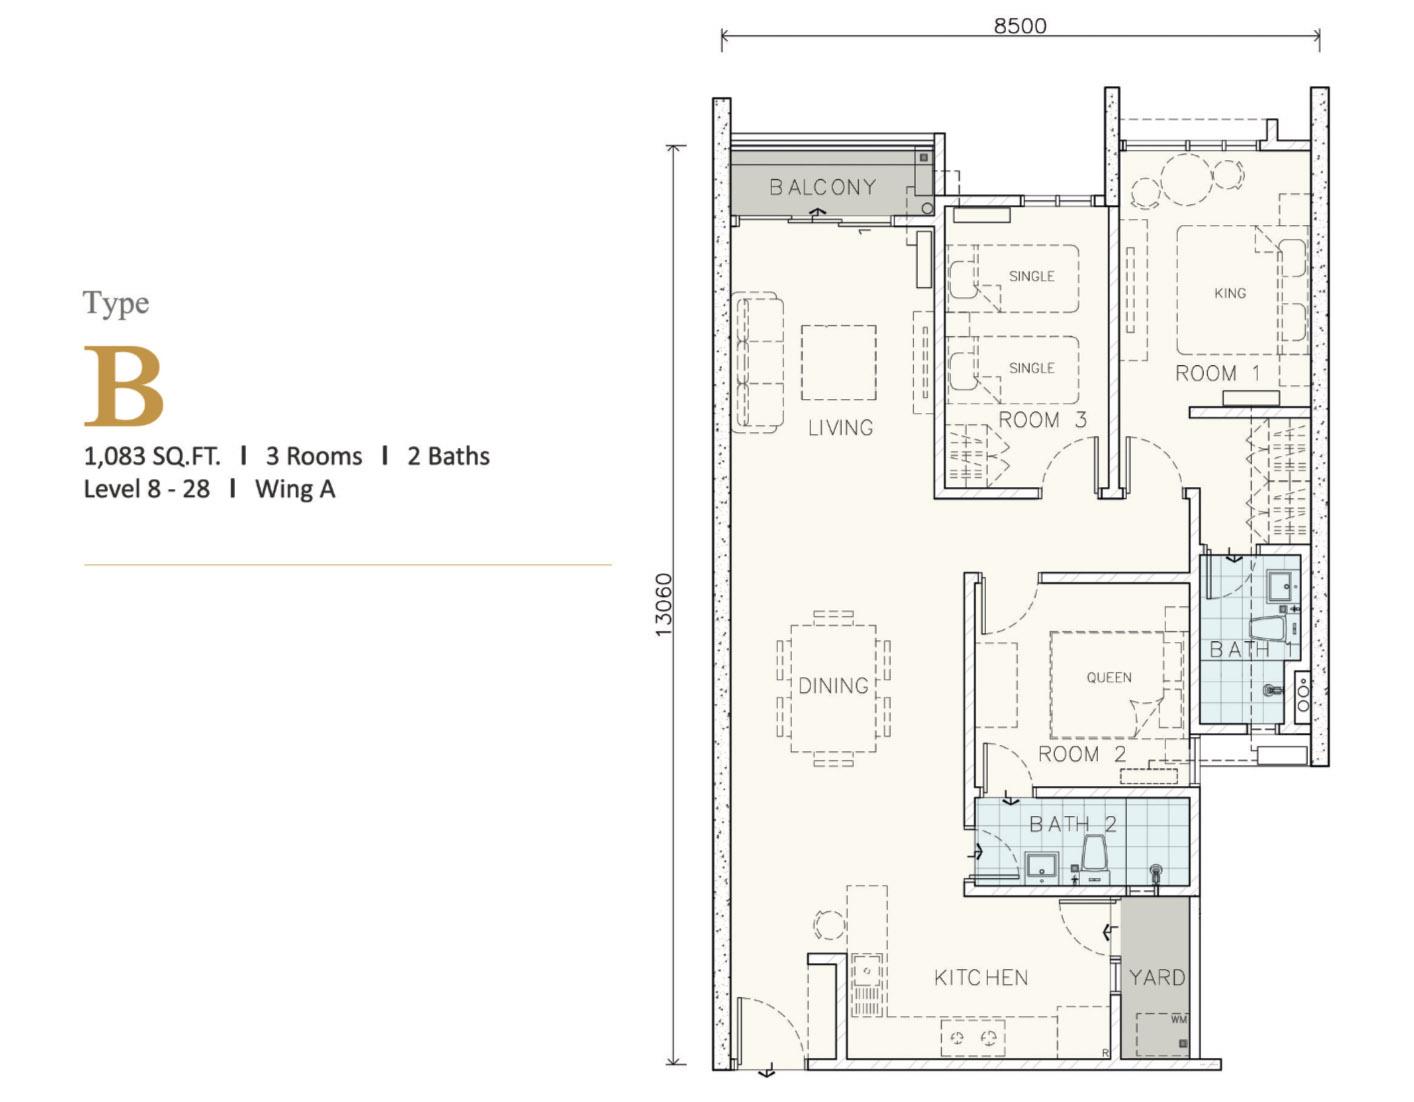 Type B (1083 sq.ft)